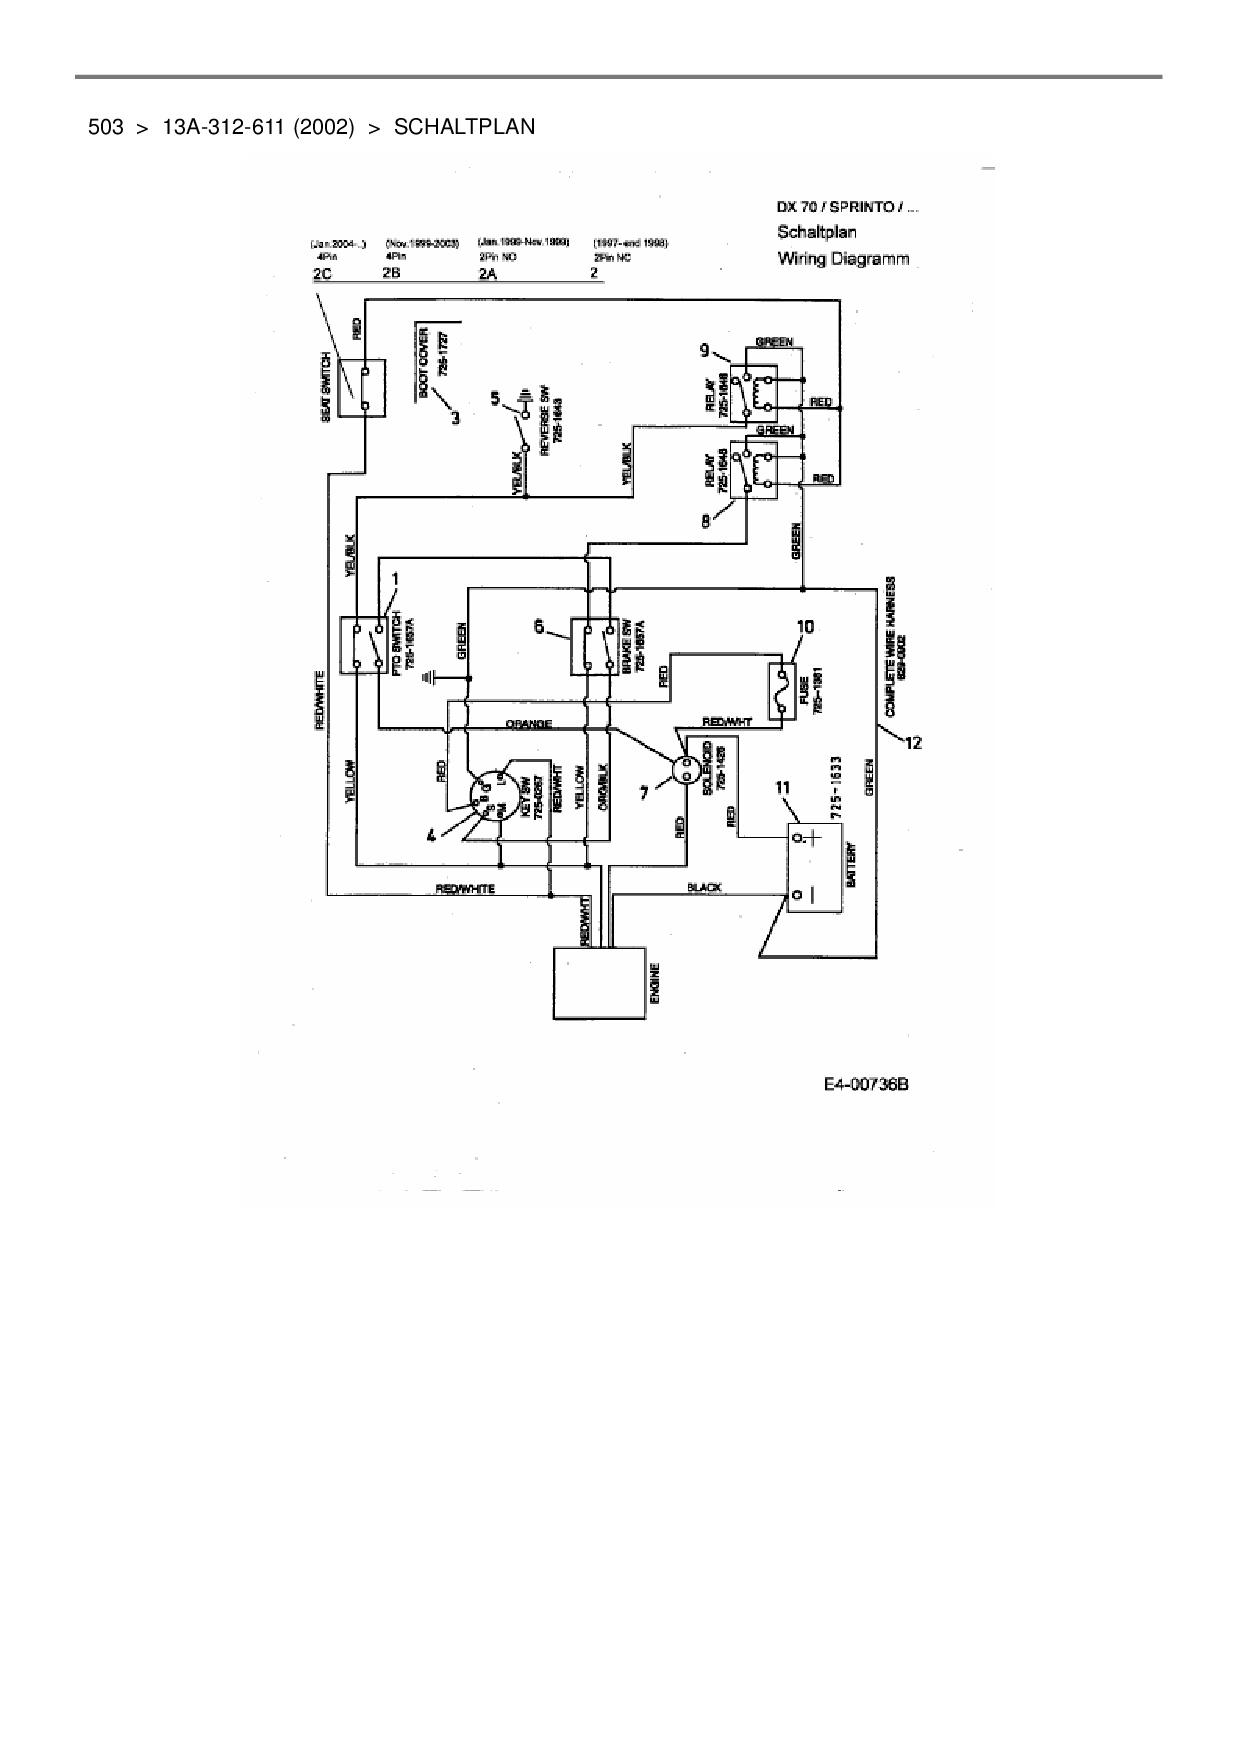 Ziemlich 1975 Bmw E3 Schaltpläne Galerie - Der Schaltplan - triangre ...